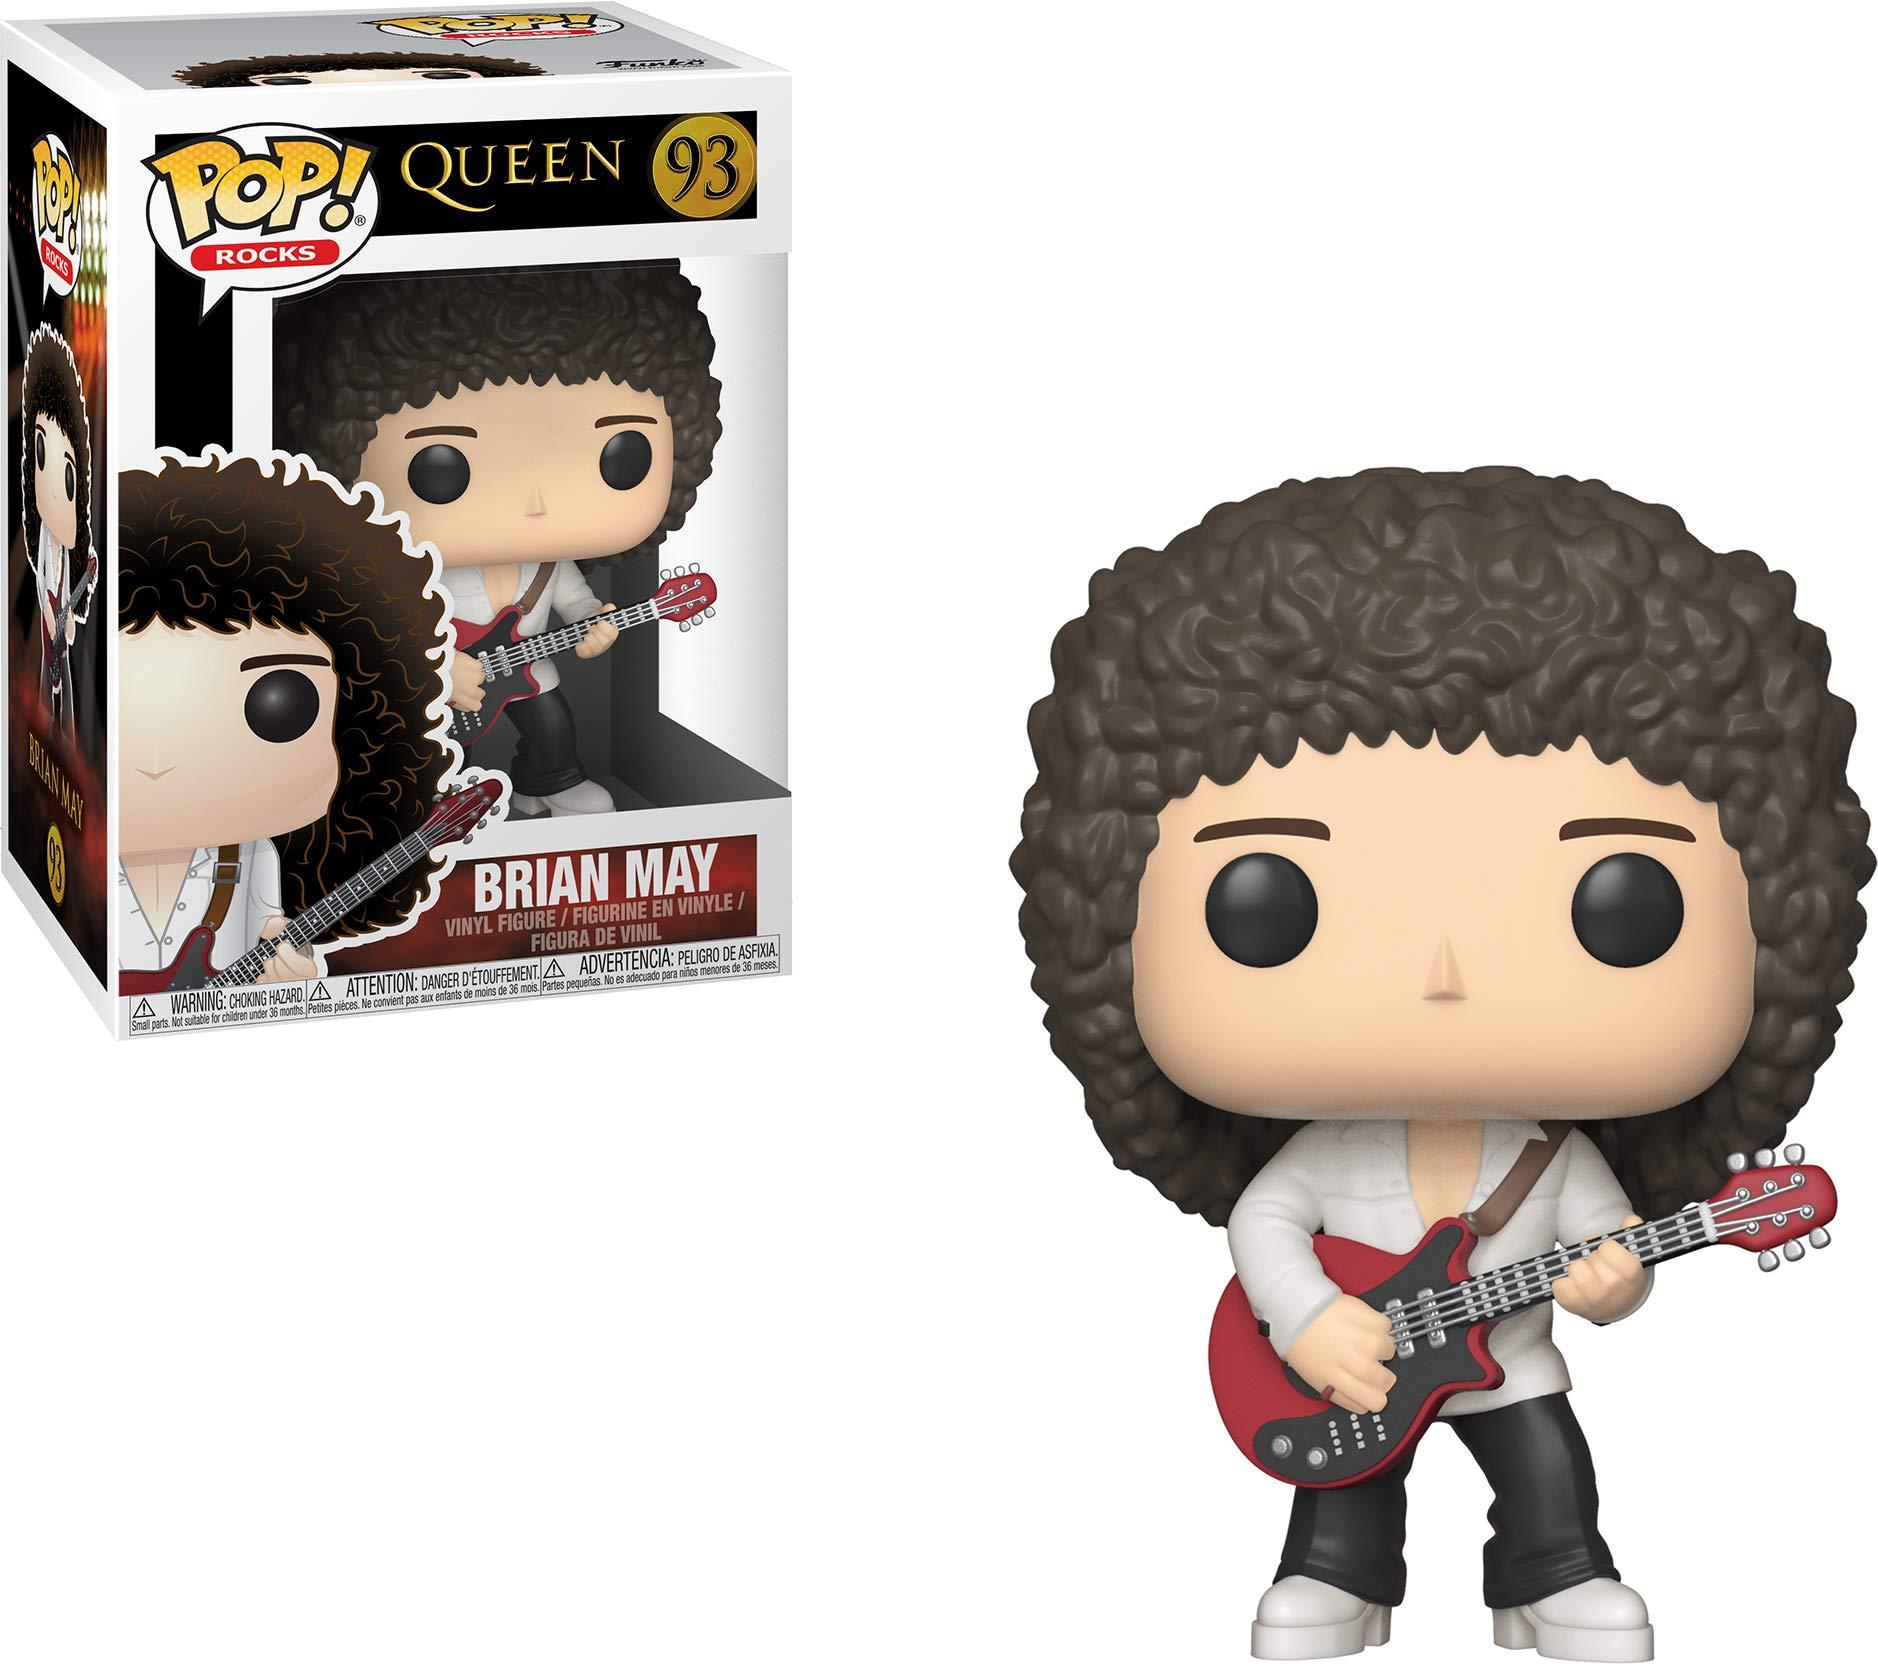 Funko Pop Brian May (Queen 93) Funko Pop Cantantes y Músicos